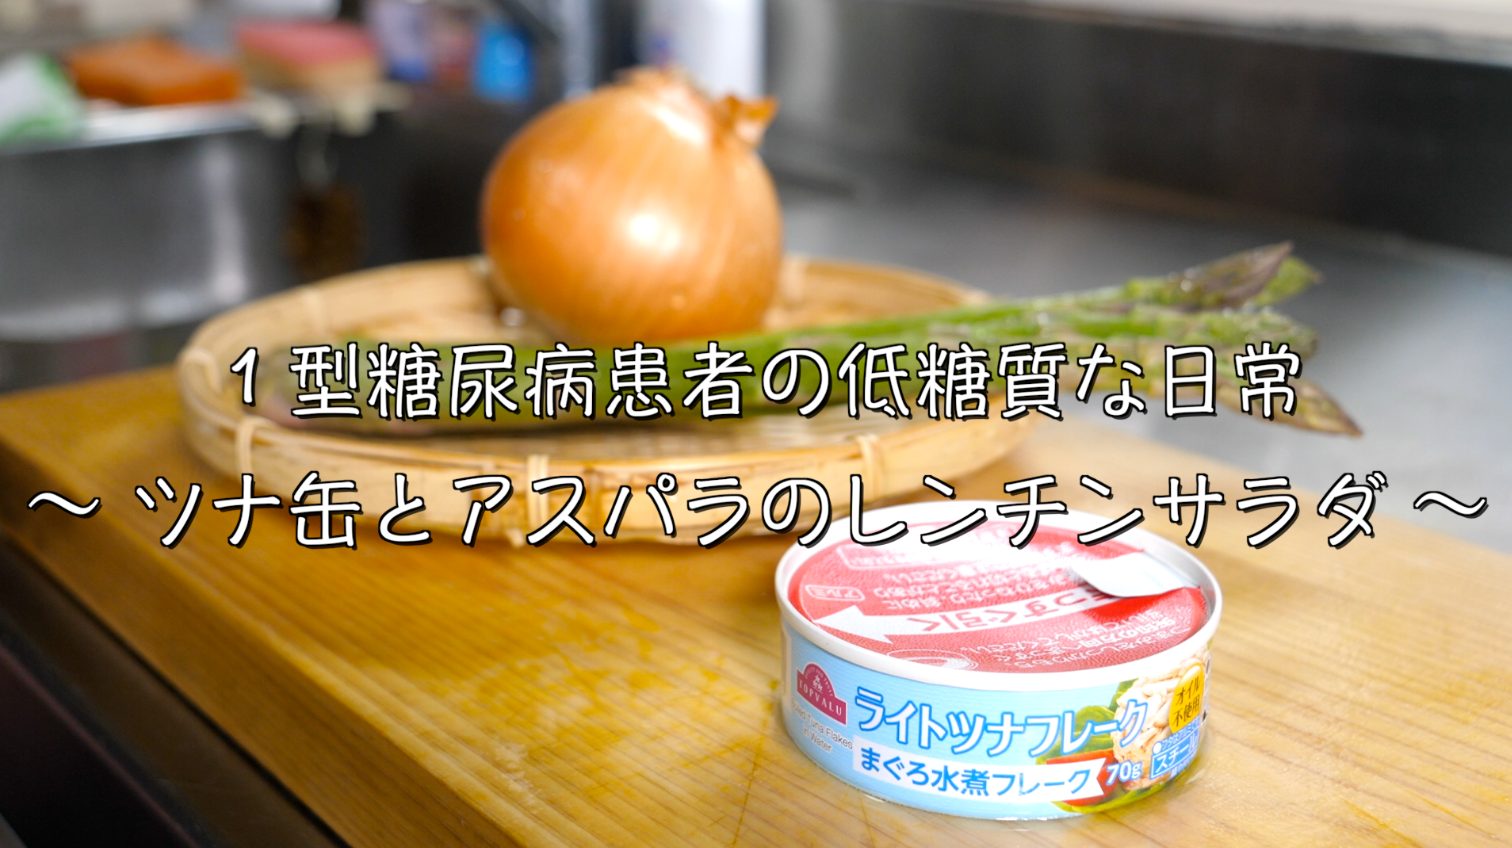 ツナ缶 アスパラガス 低糖質 レシピ